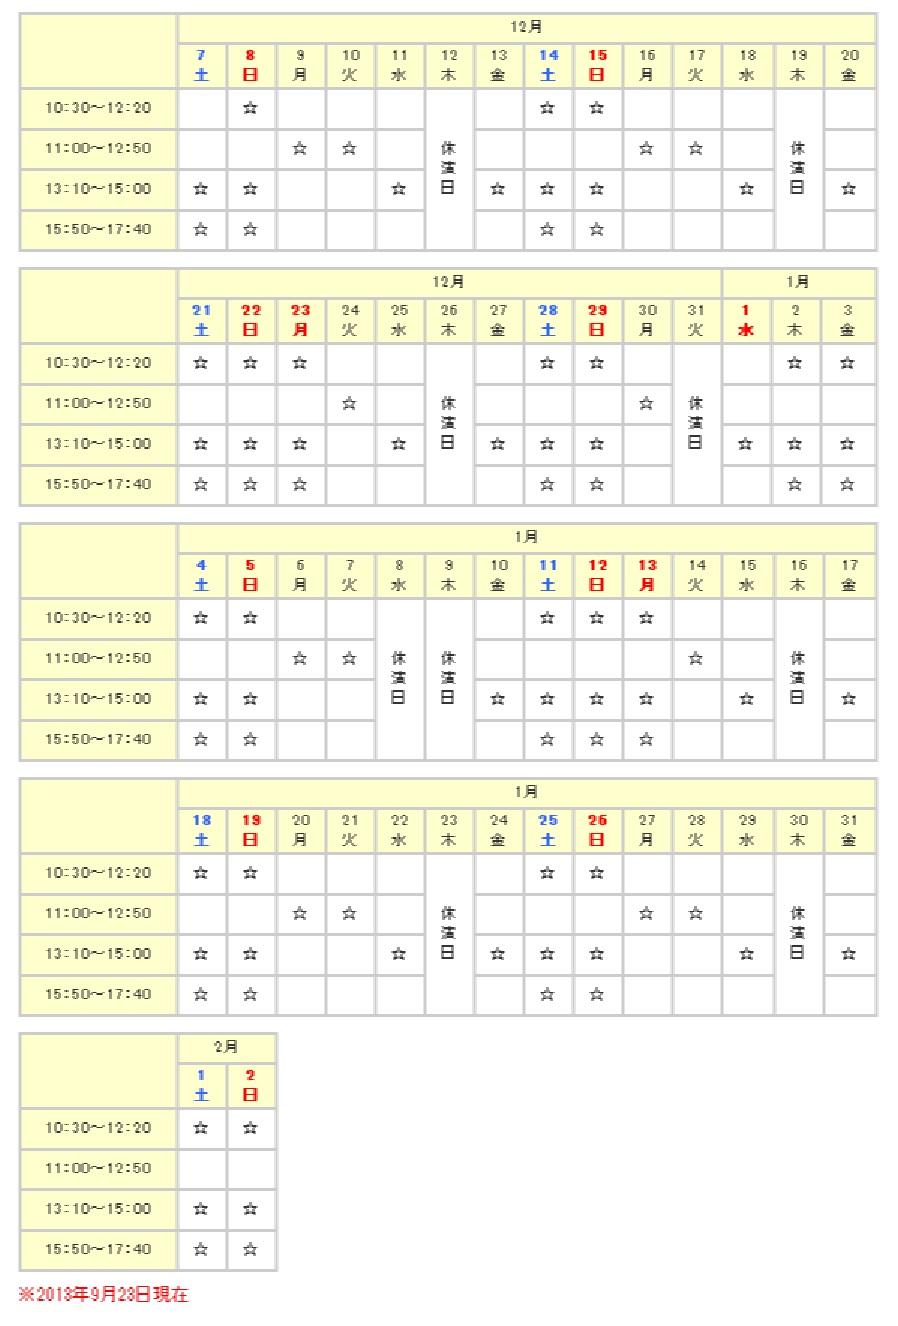 ポップサーカス 《千葉公演》スケジュール